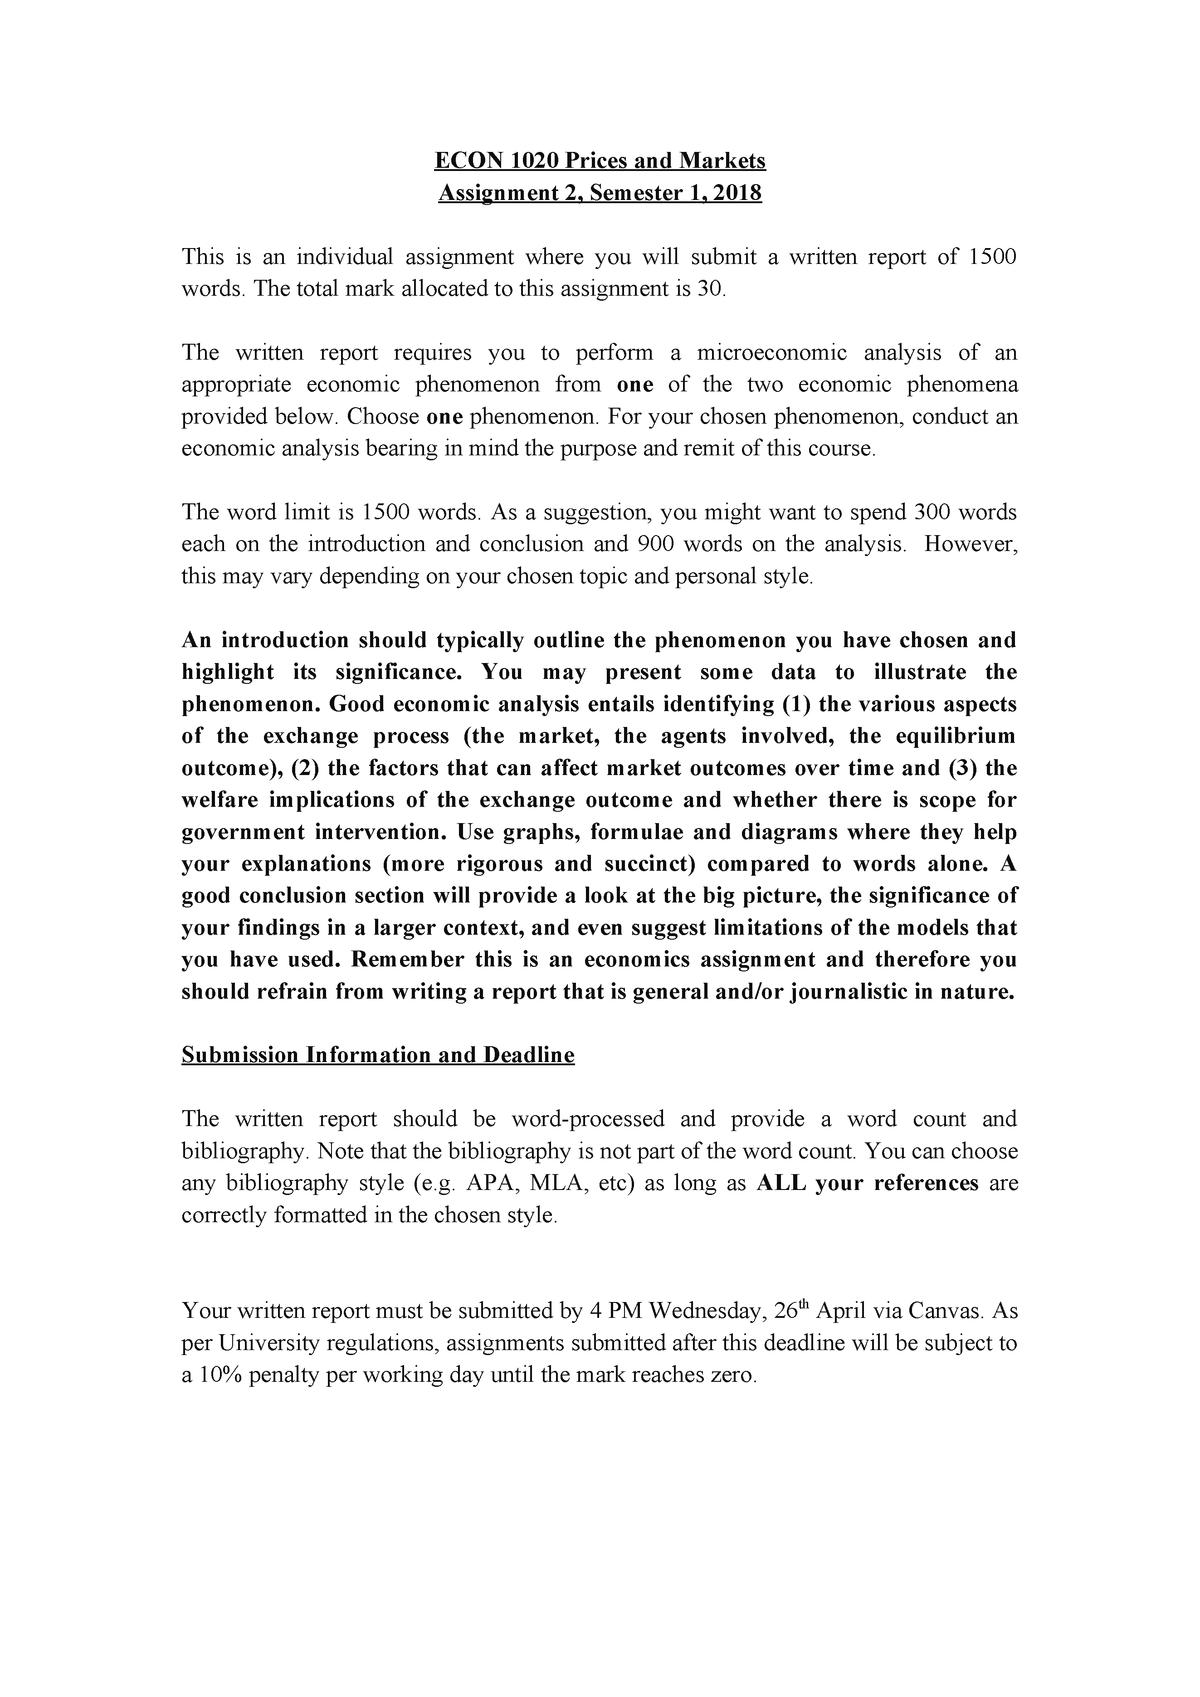 Assignment 2 S1 2018 - ECON1016: Macroeconomics - StuDocu